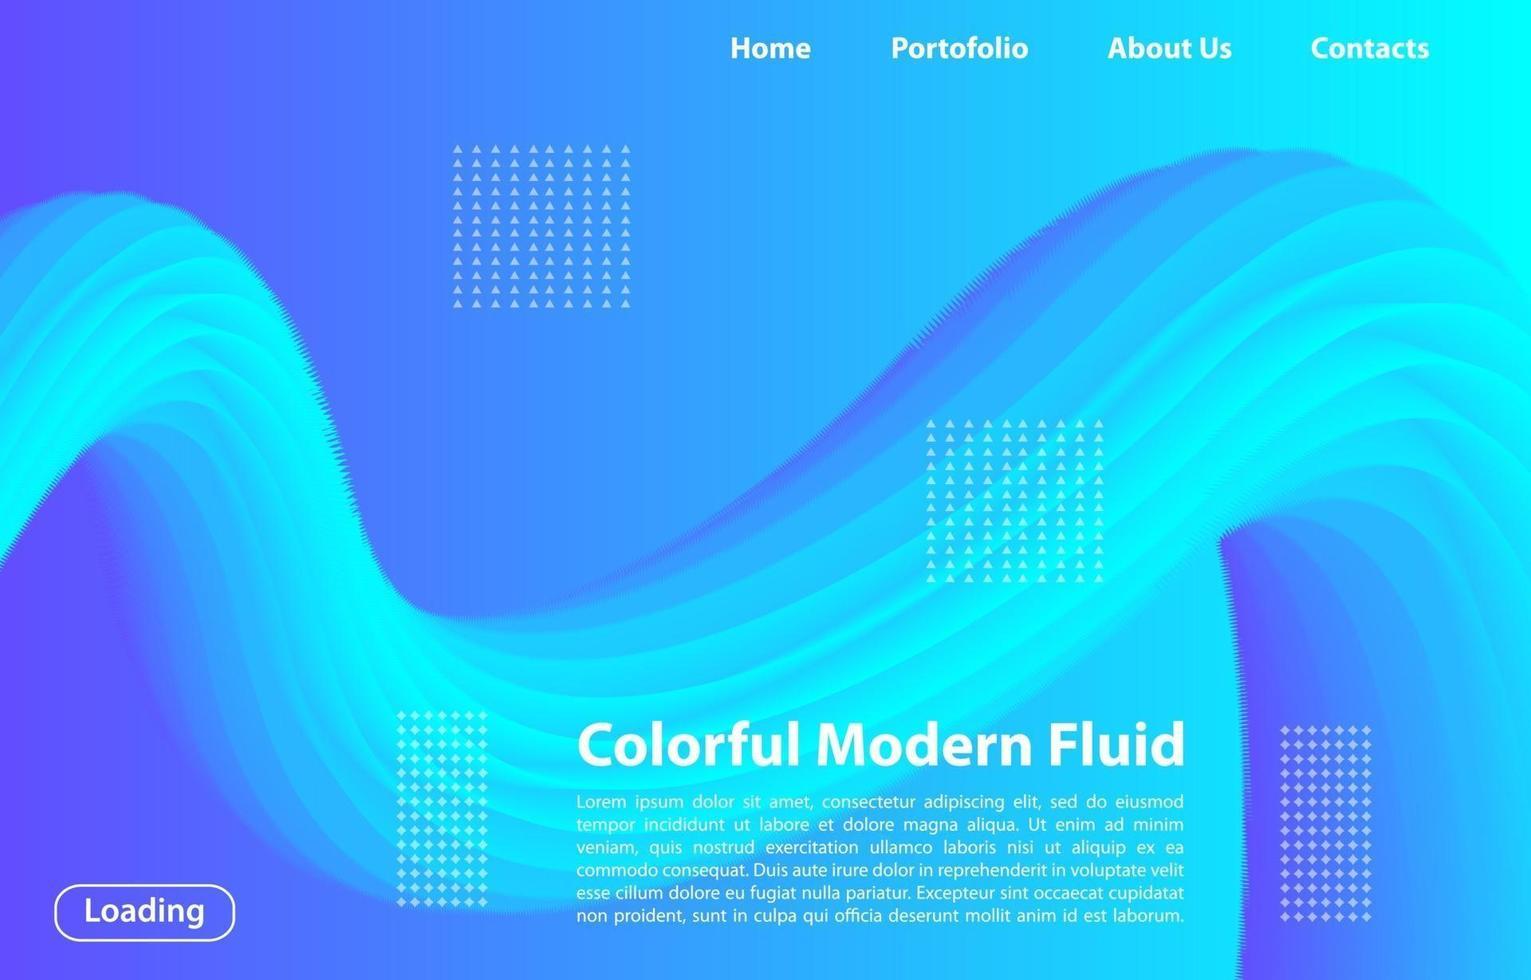 färgglad 3d modern flytande bakgrund. designmall för målsida, banner, affischer, omslag etc. vektor